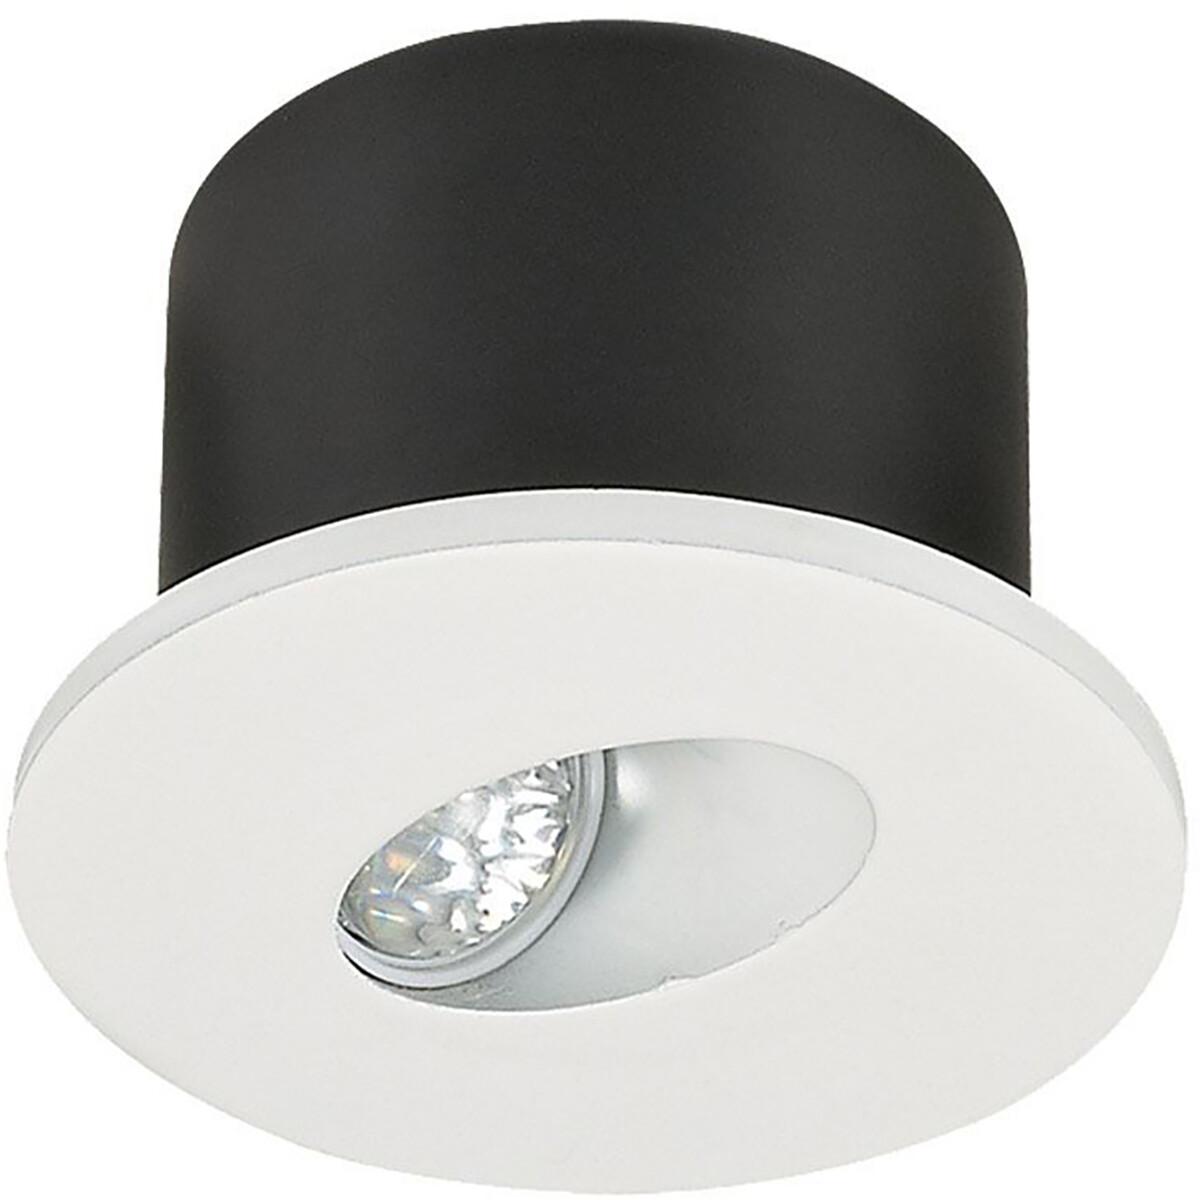 LED Trapspot - Viron Aspo - Inbouw Rond 3W - Warm Wit 3000K - Mat Wit - Aluminium - 80mm